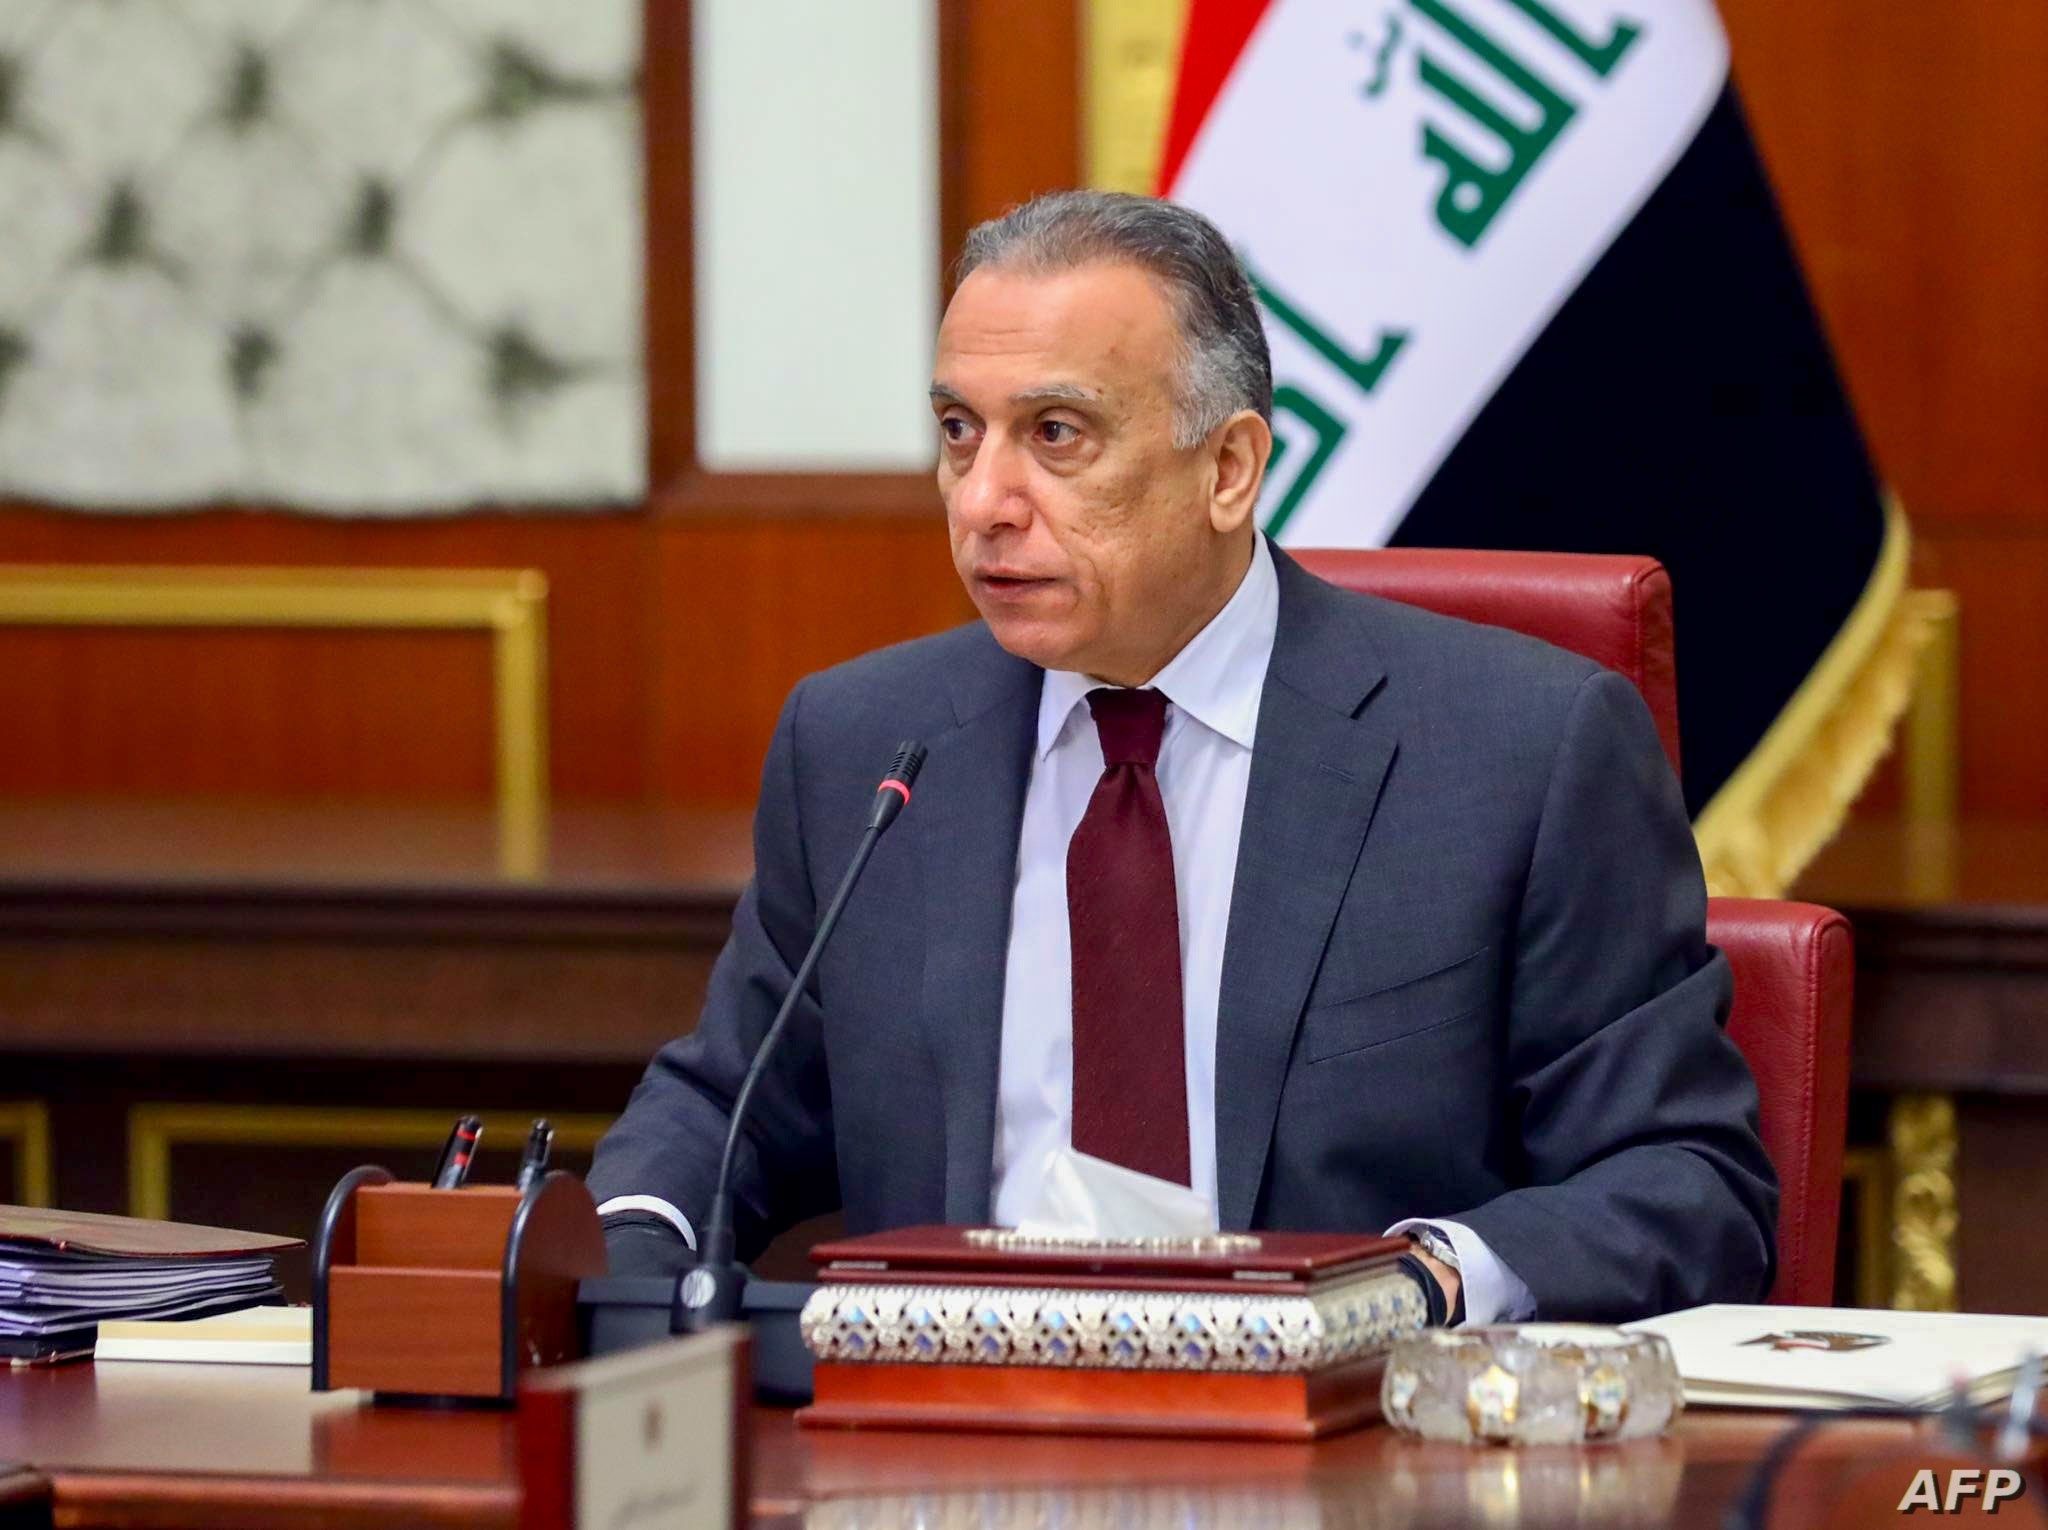 الكاظمي يعلن القضاء على أبو ياسر العيساوي